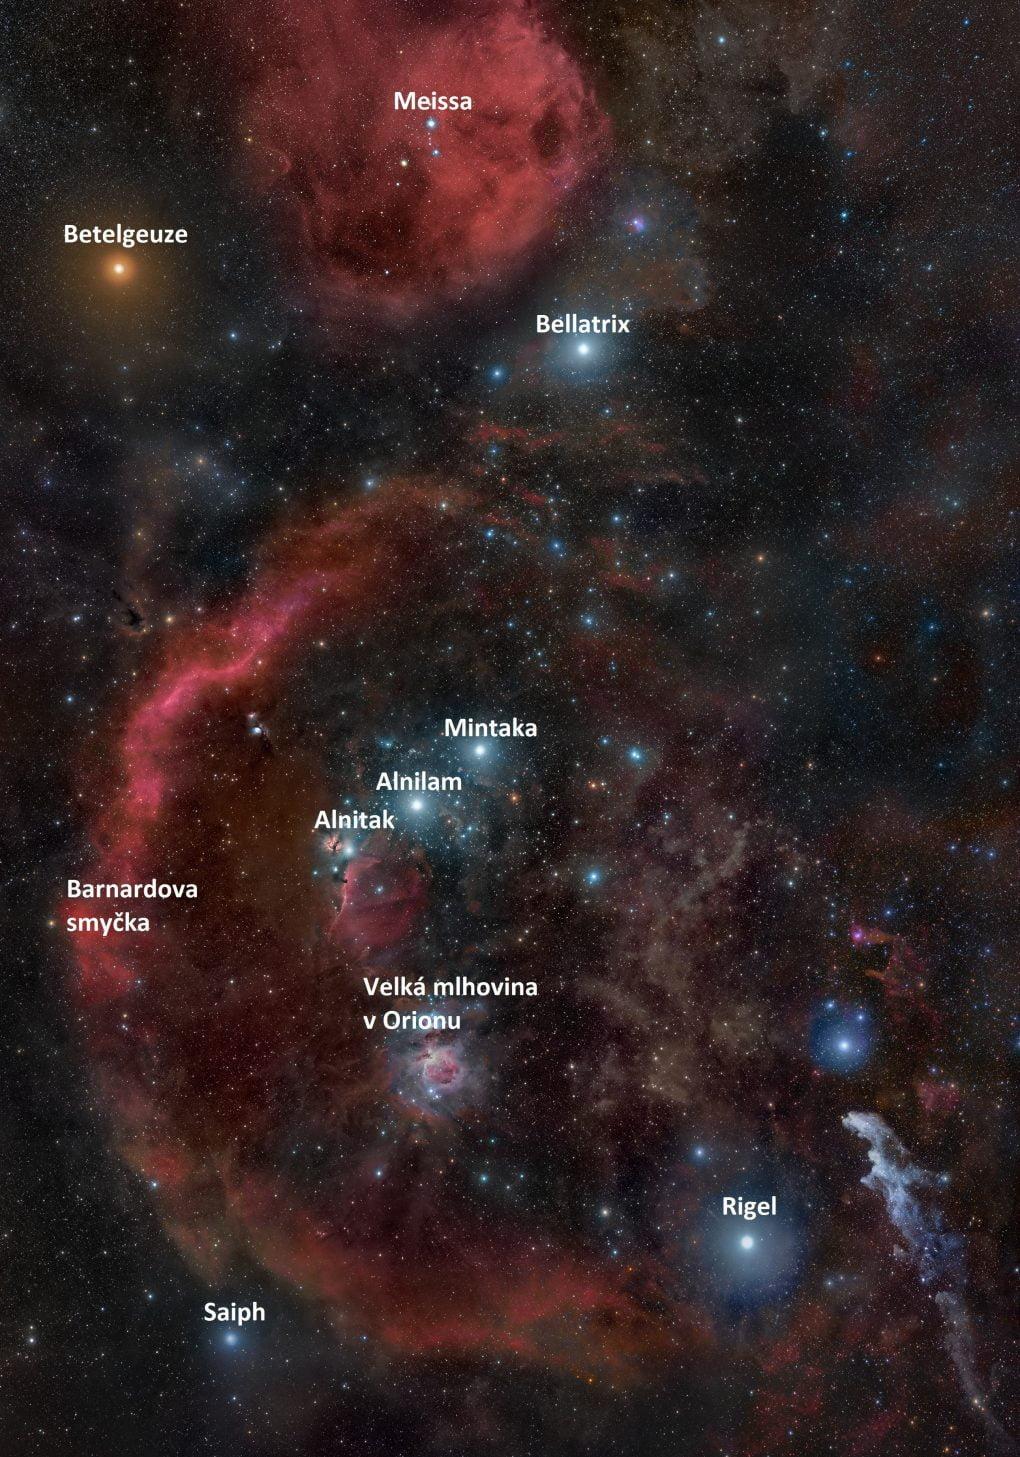 Souhvězdí Orionu i sobjekty hlubokého vesmíru. (Zdroj: commons.wikimedia.org, autor: Rogelio Bernal Andreo)